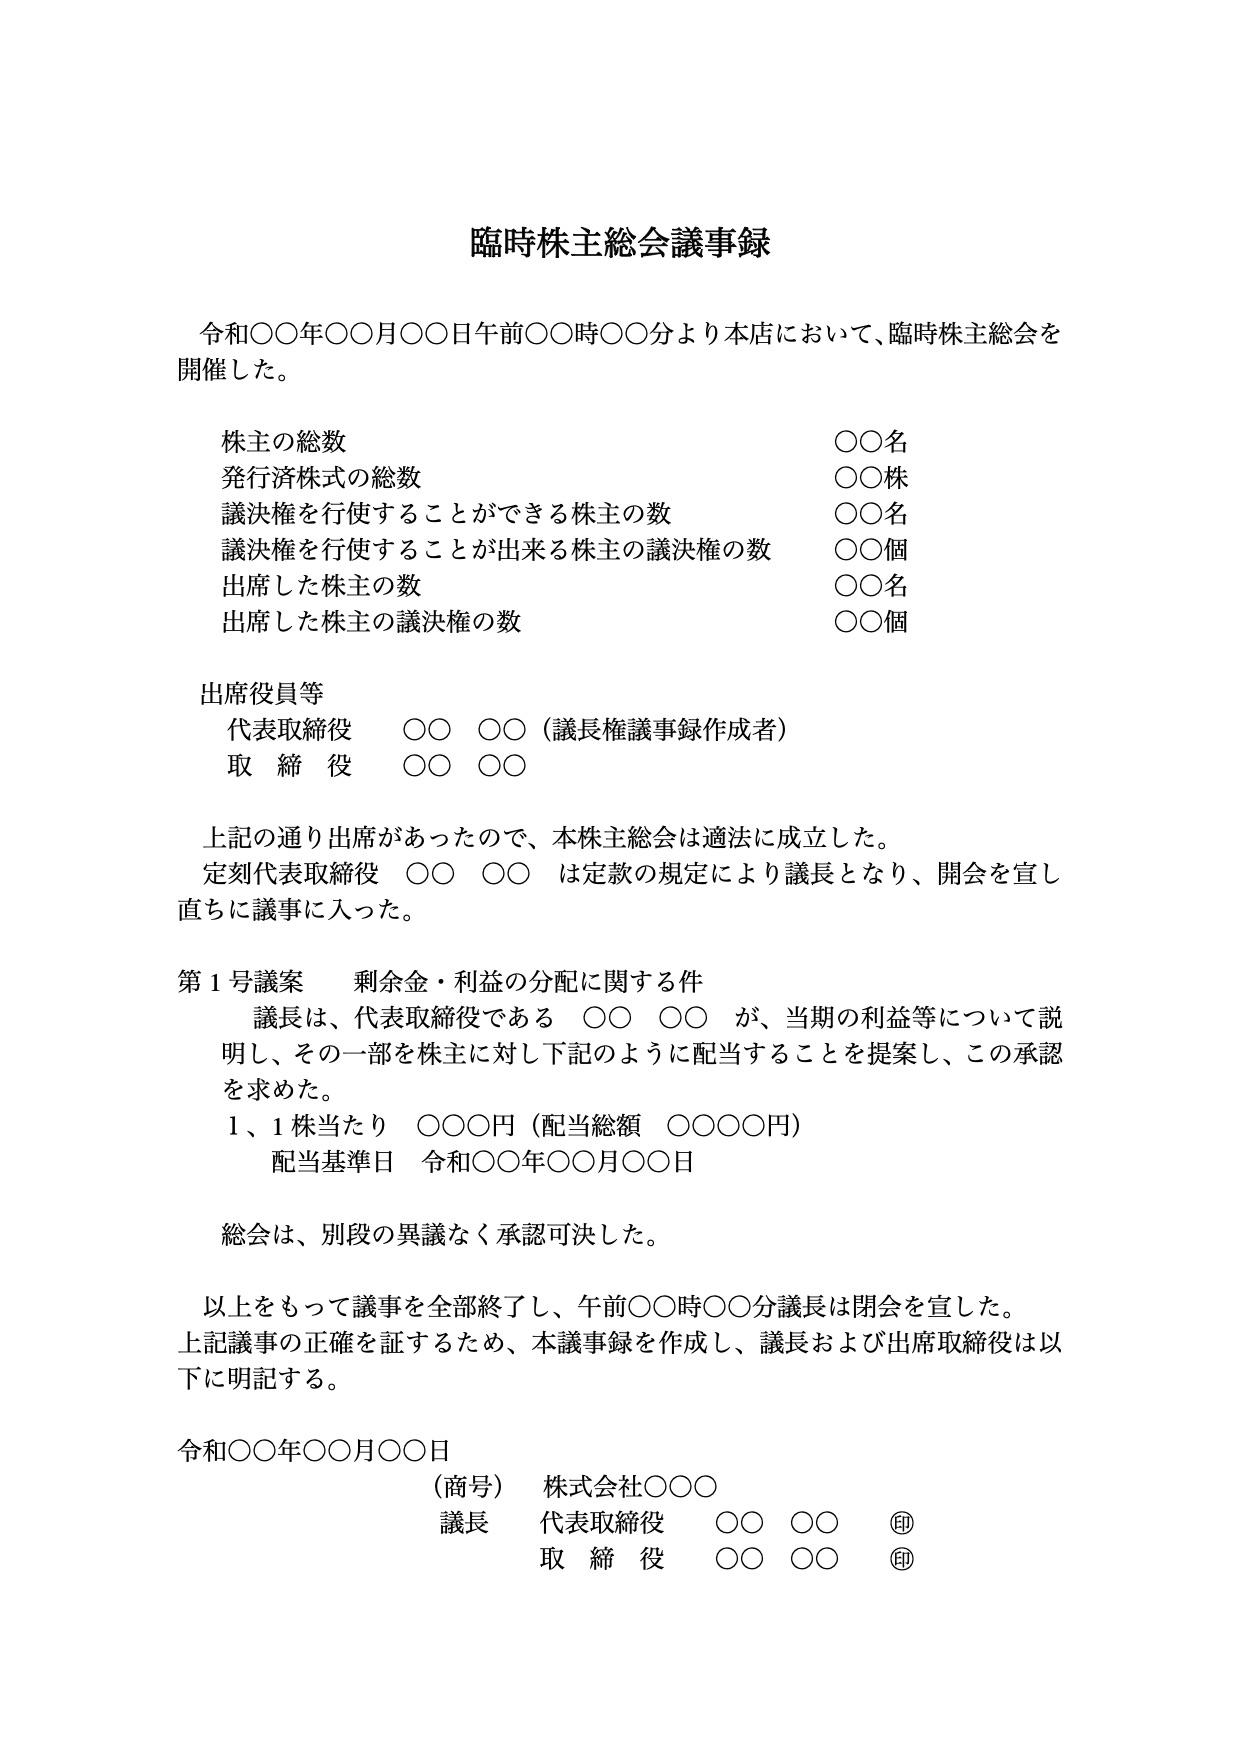 臨時株主総会議事録(配当)